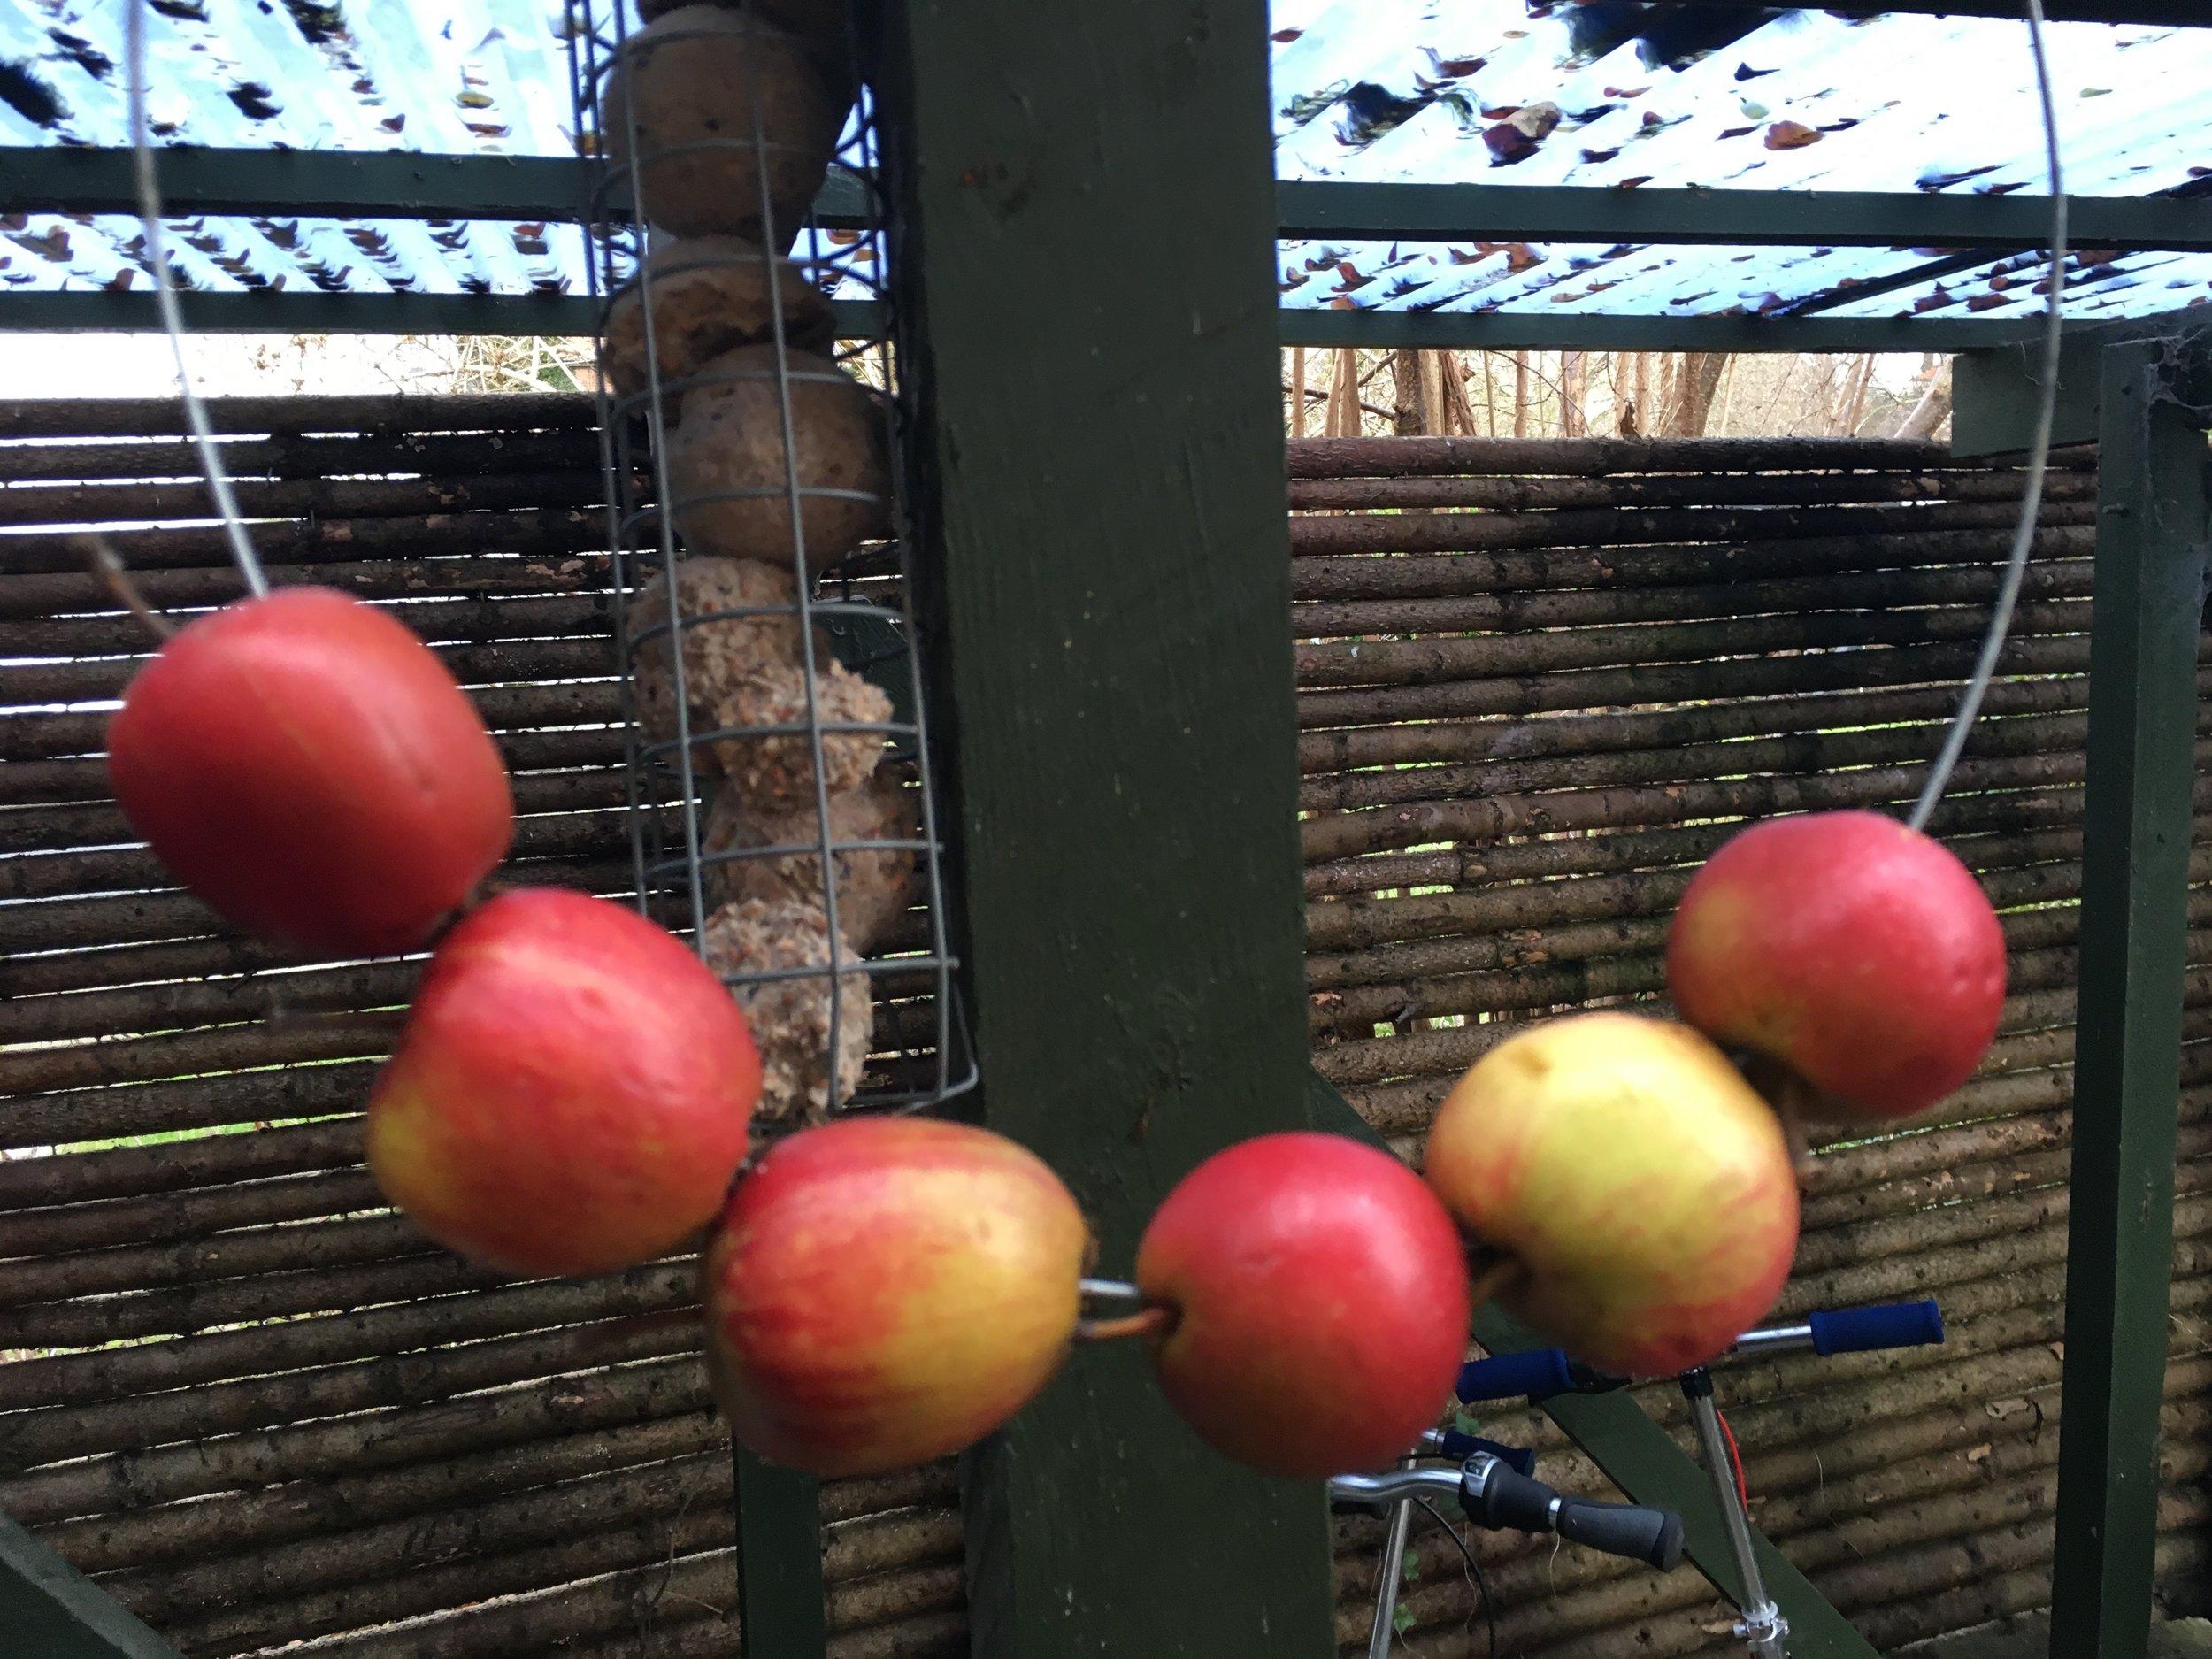 Du kan også trække æbler på et stykke kraftig ståltråd. Dem kan fuglene også godt lide - især solsortene og rødhalsen.